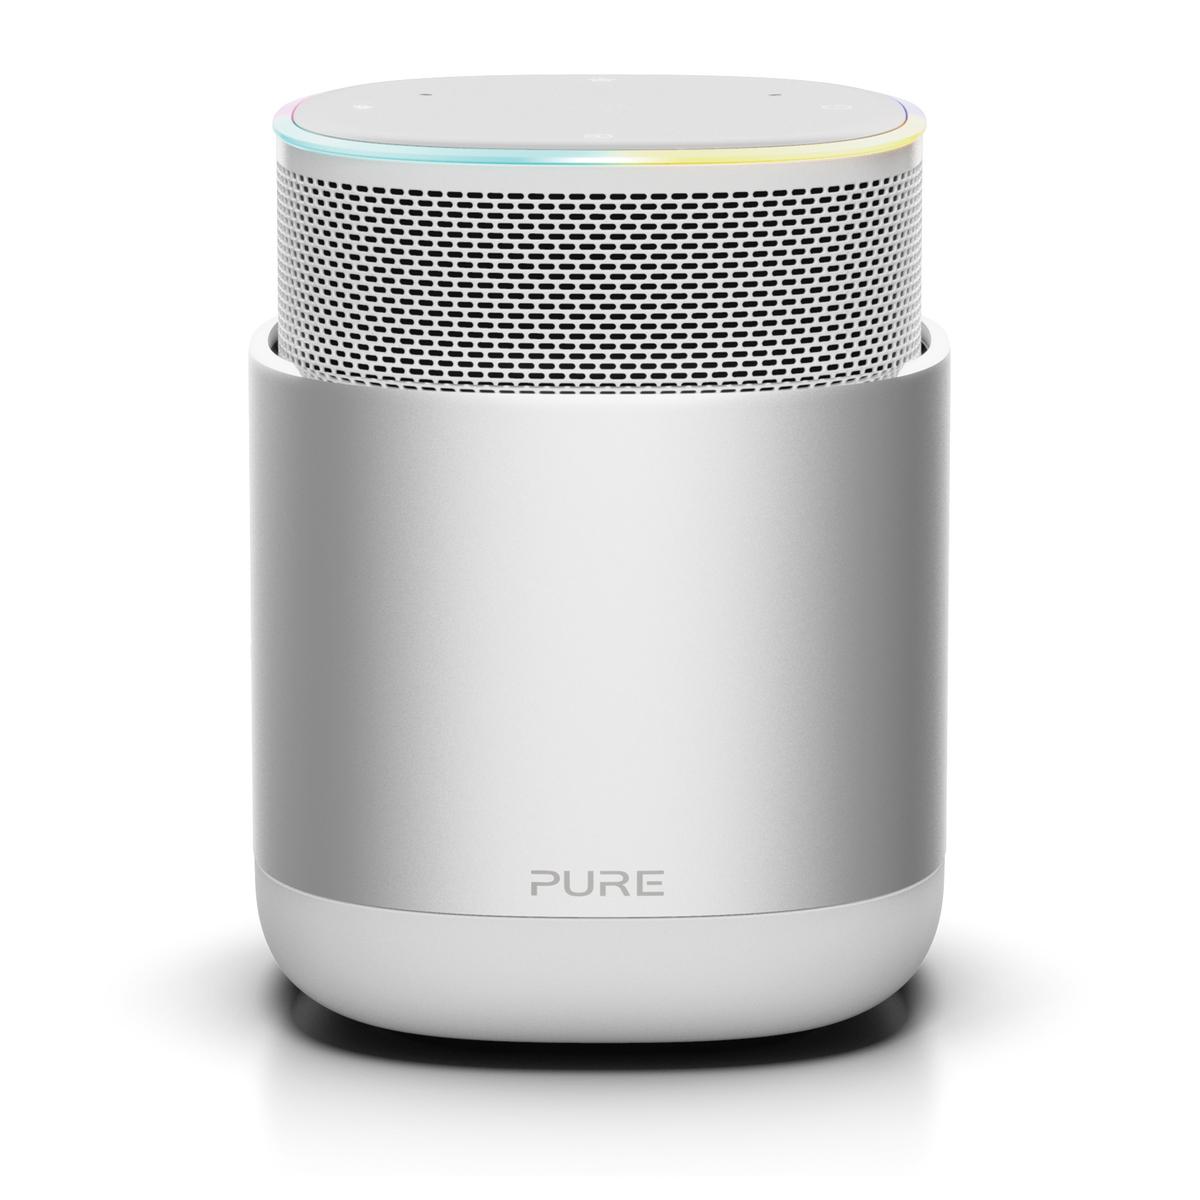 Pure DiscovR Portabler Smart Speaker mit überzeugendem Sicherheits-Feature